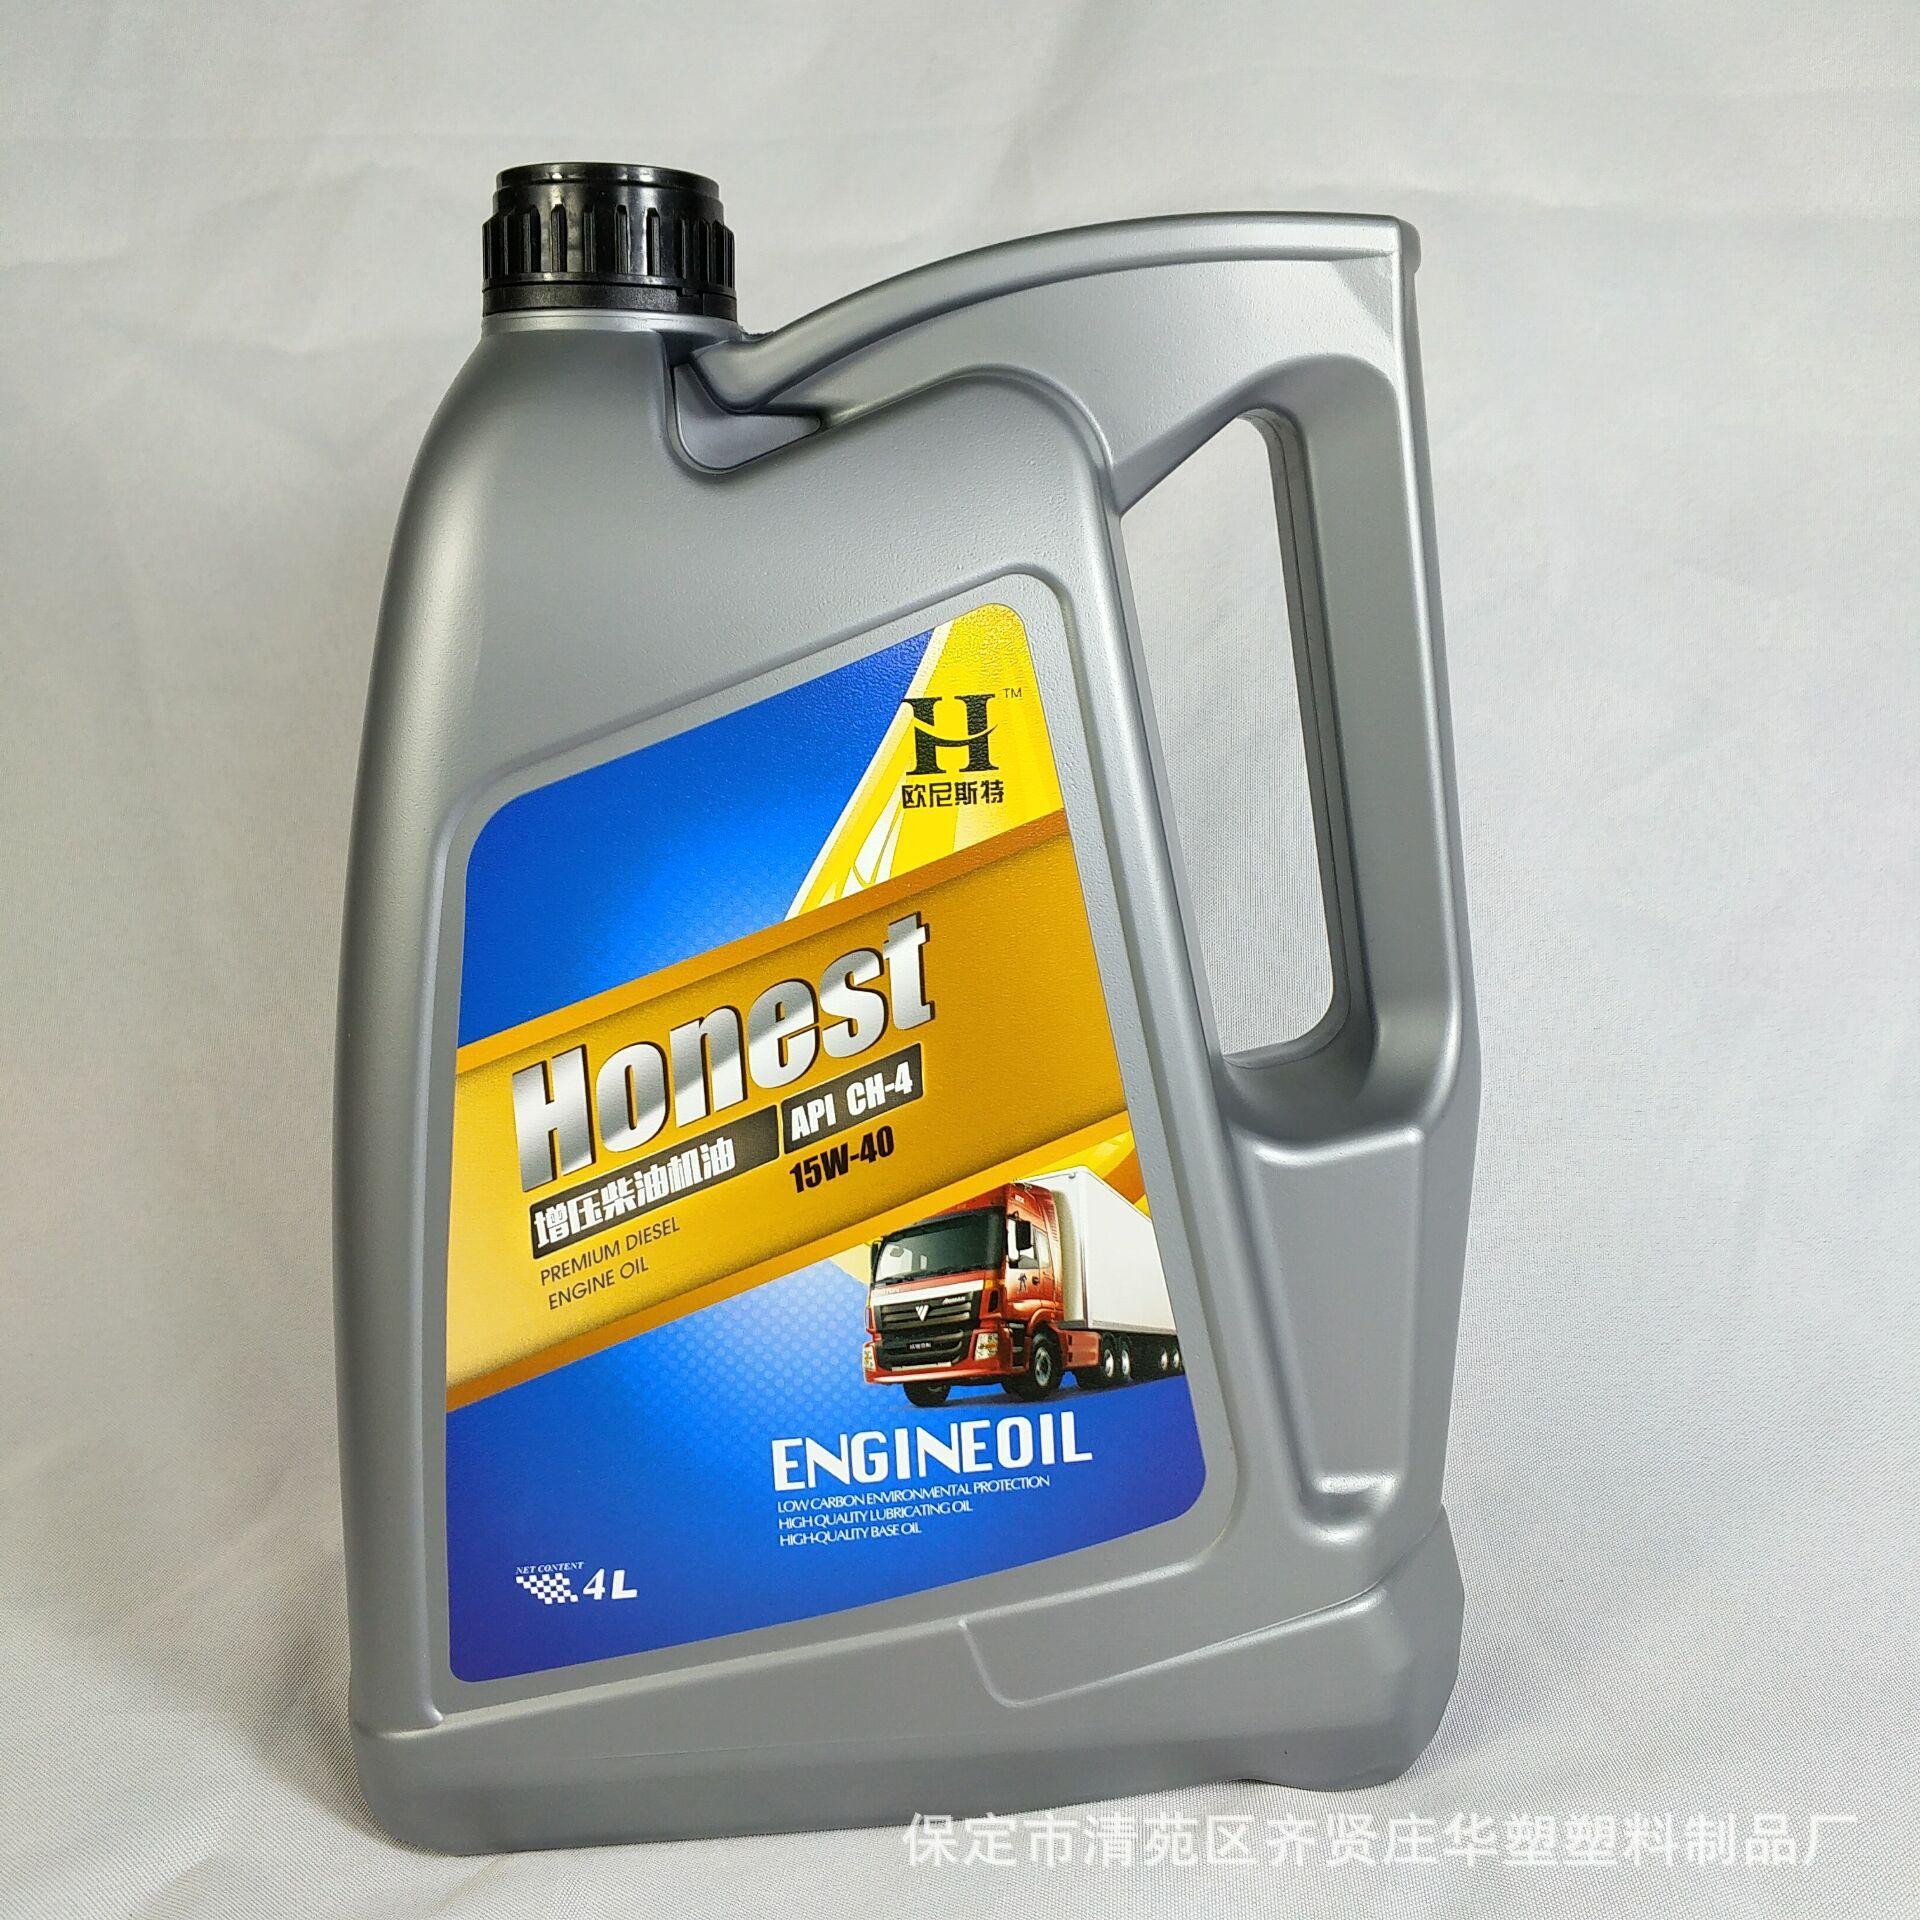 新款 定制4l汽车机油桶 防冻液桶 pe润滑油包装桶 塑料化工桶油桶